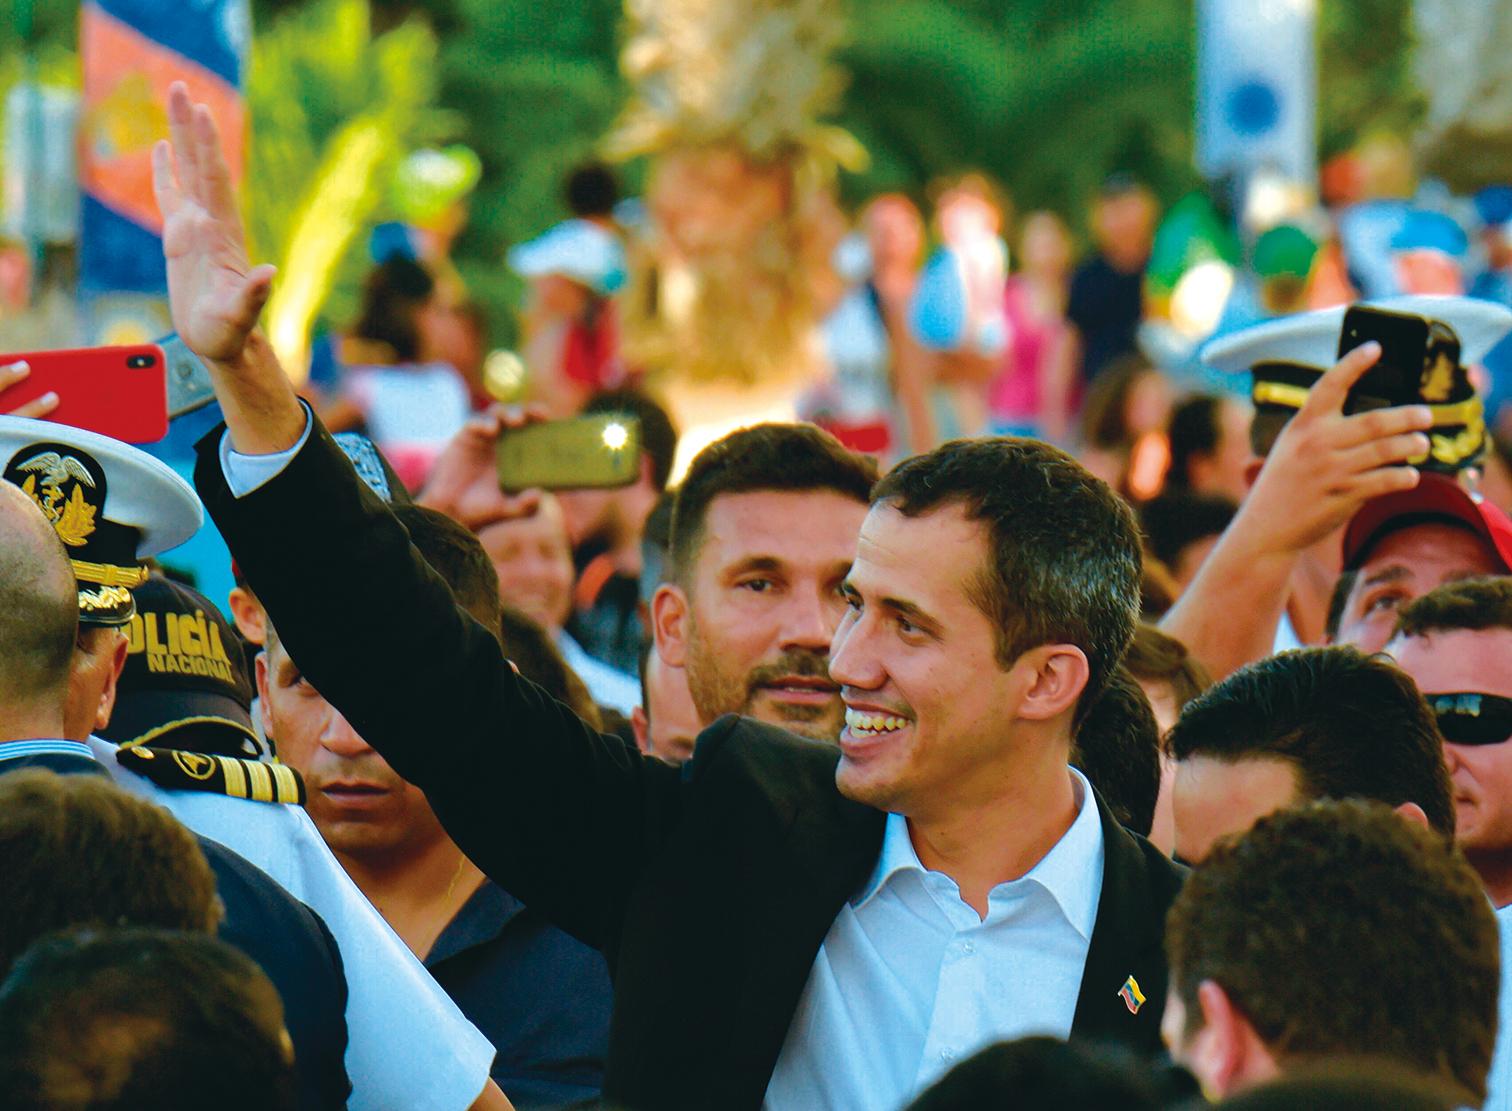 委內瑞拉臨時總統瓜伊多(Juan Guaido)3月2日呼籲對馬杜羅(Nicolas Maduro)舉行新一輪的抗議活動。(AFP)